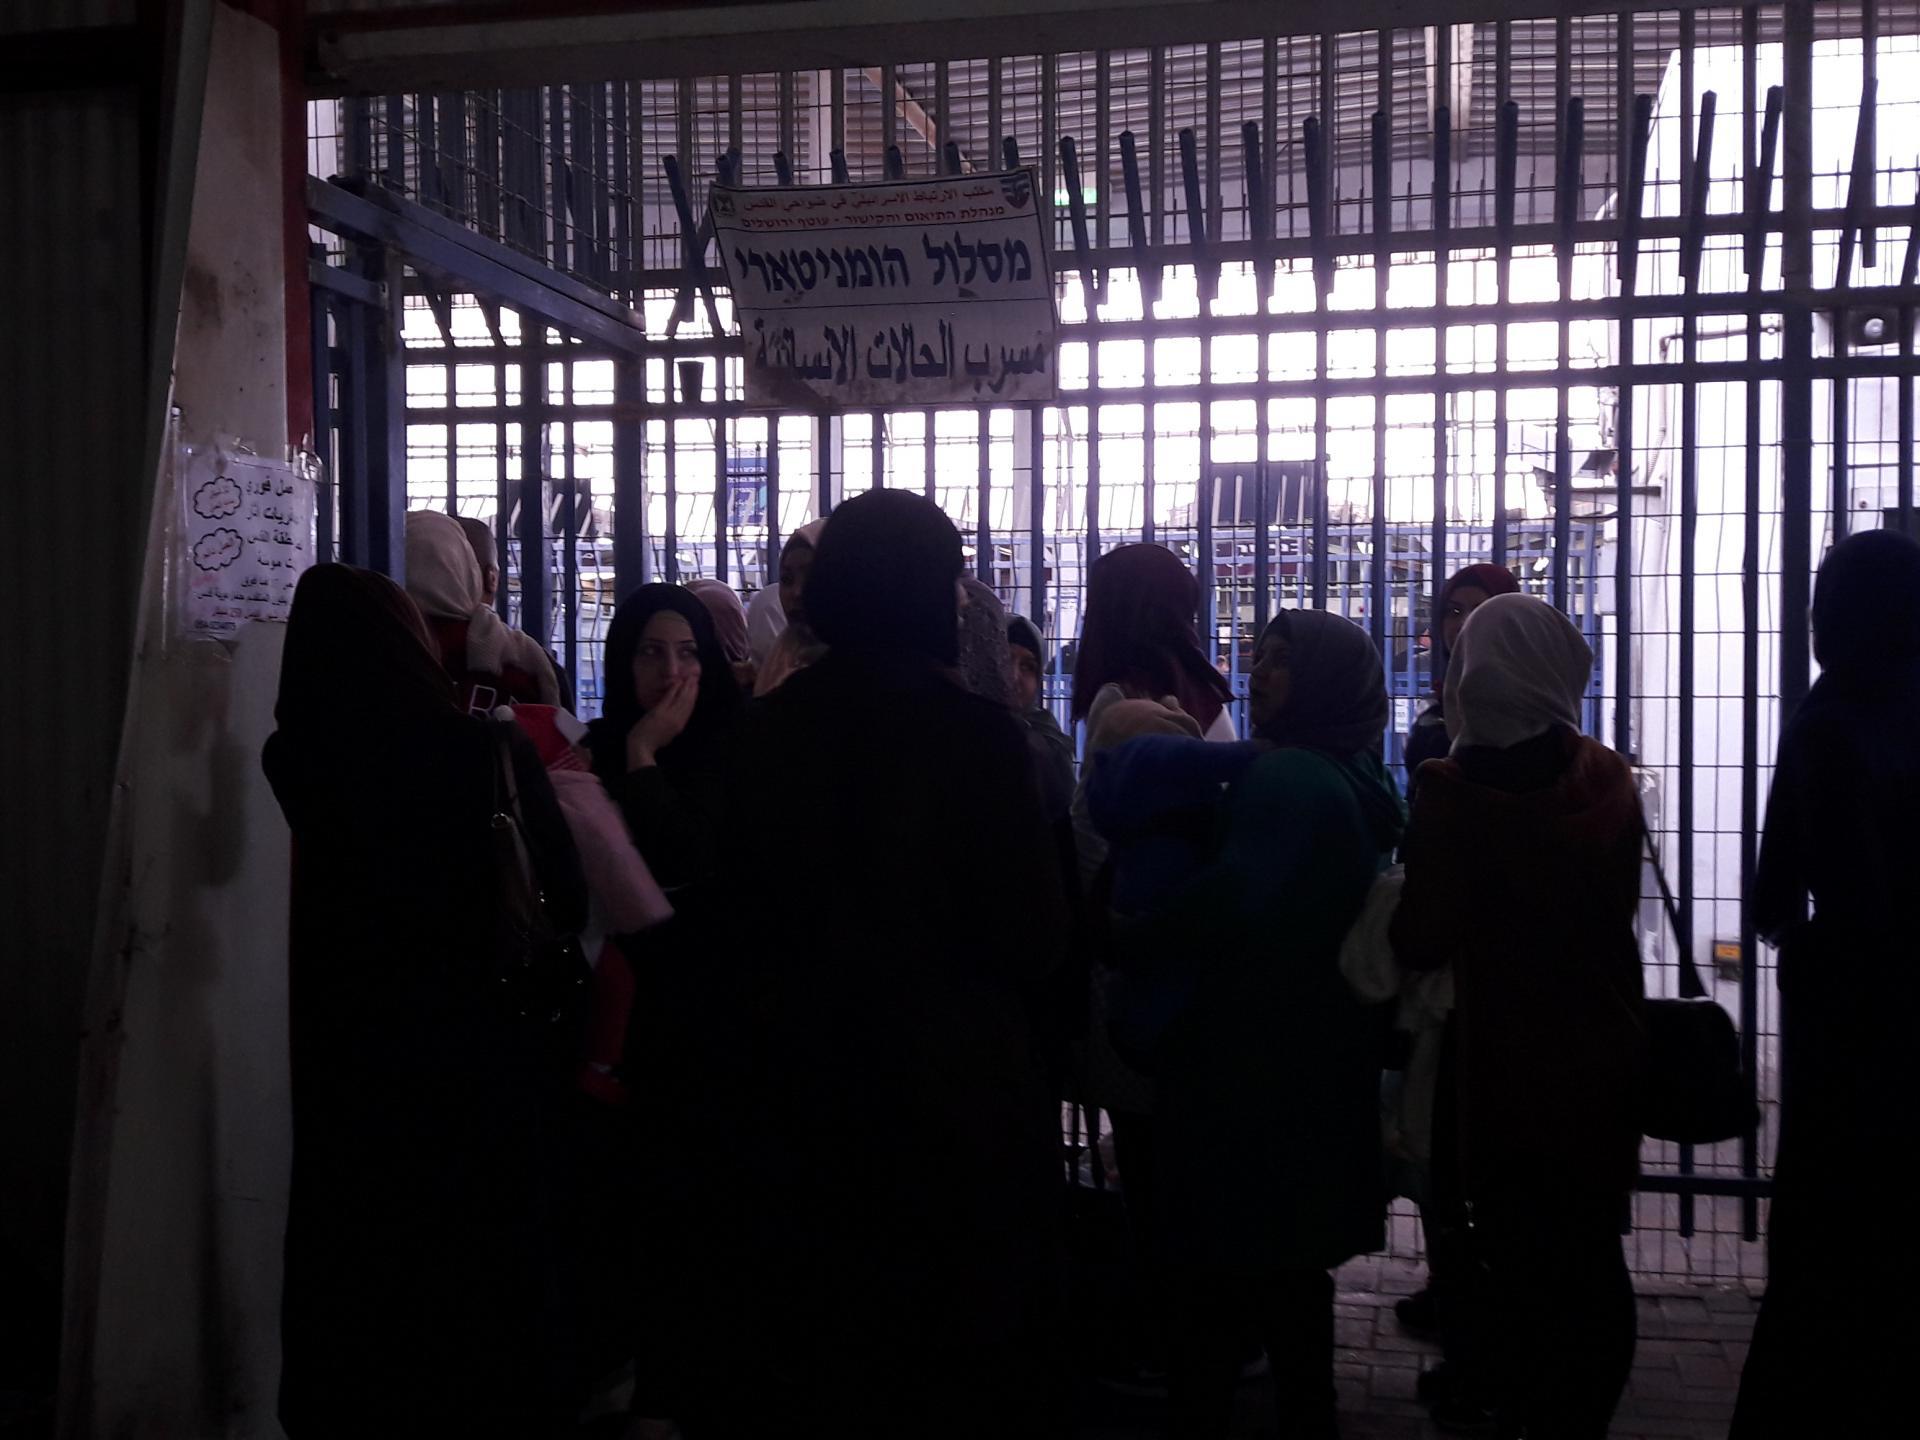 תור של נשים, חלקן עם ילדים בזרועותיהן, ממתינות לשווא ליד השער ההומניטרי